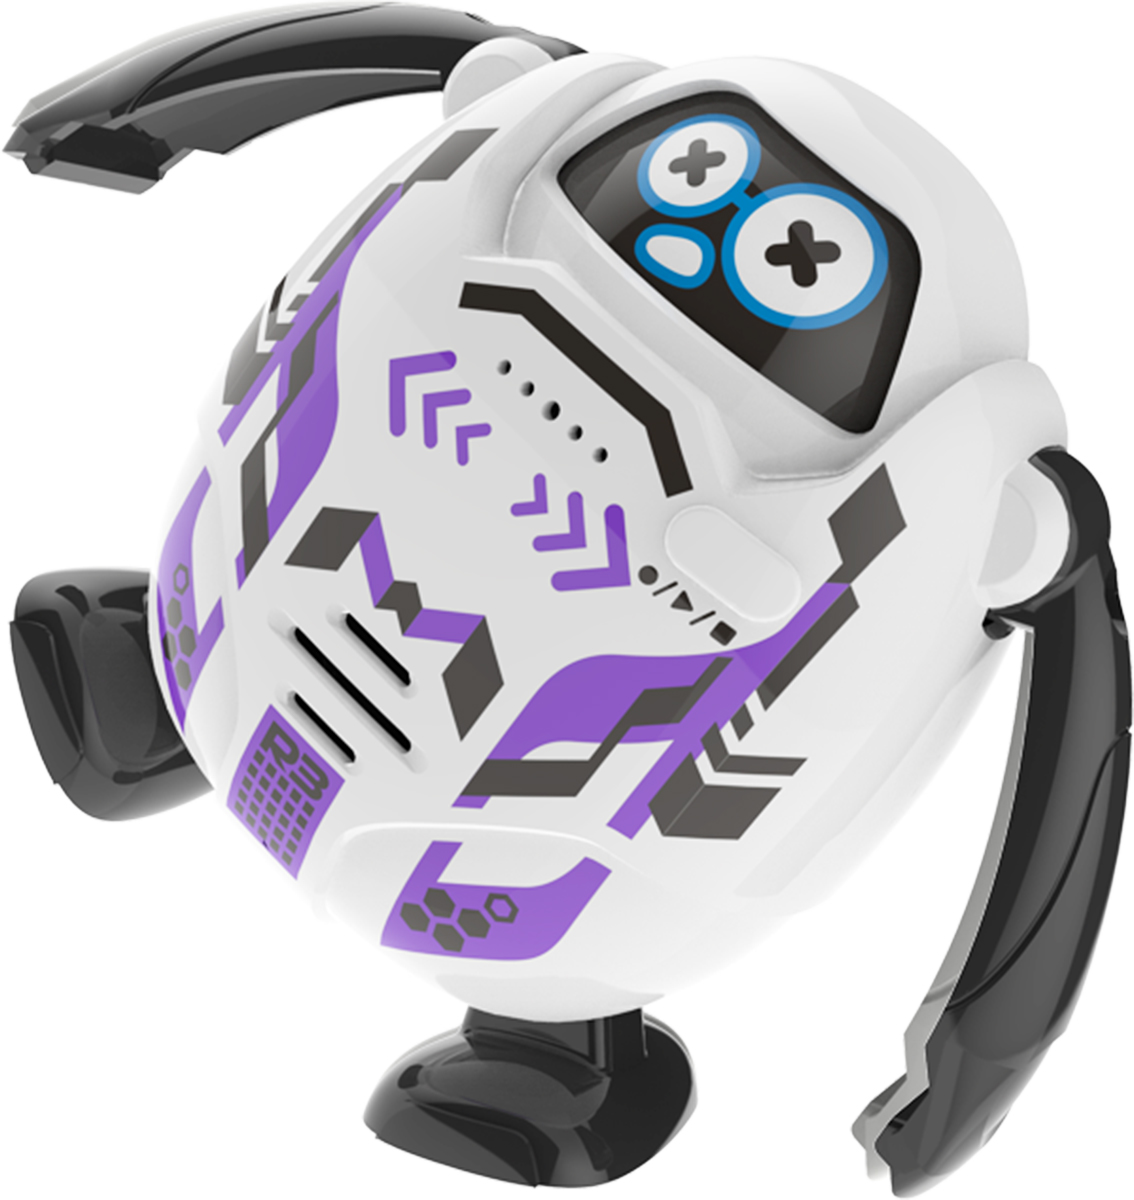 Silverlit Old School Робот Токибо цвет белый - Интерактивные игрушки